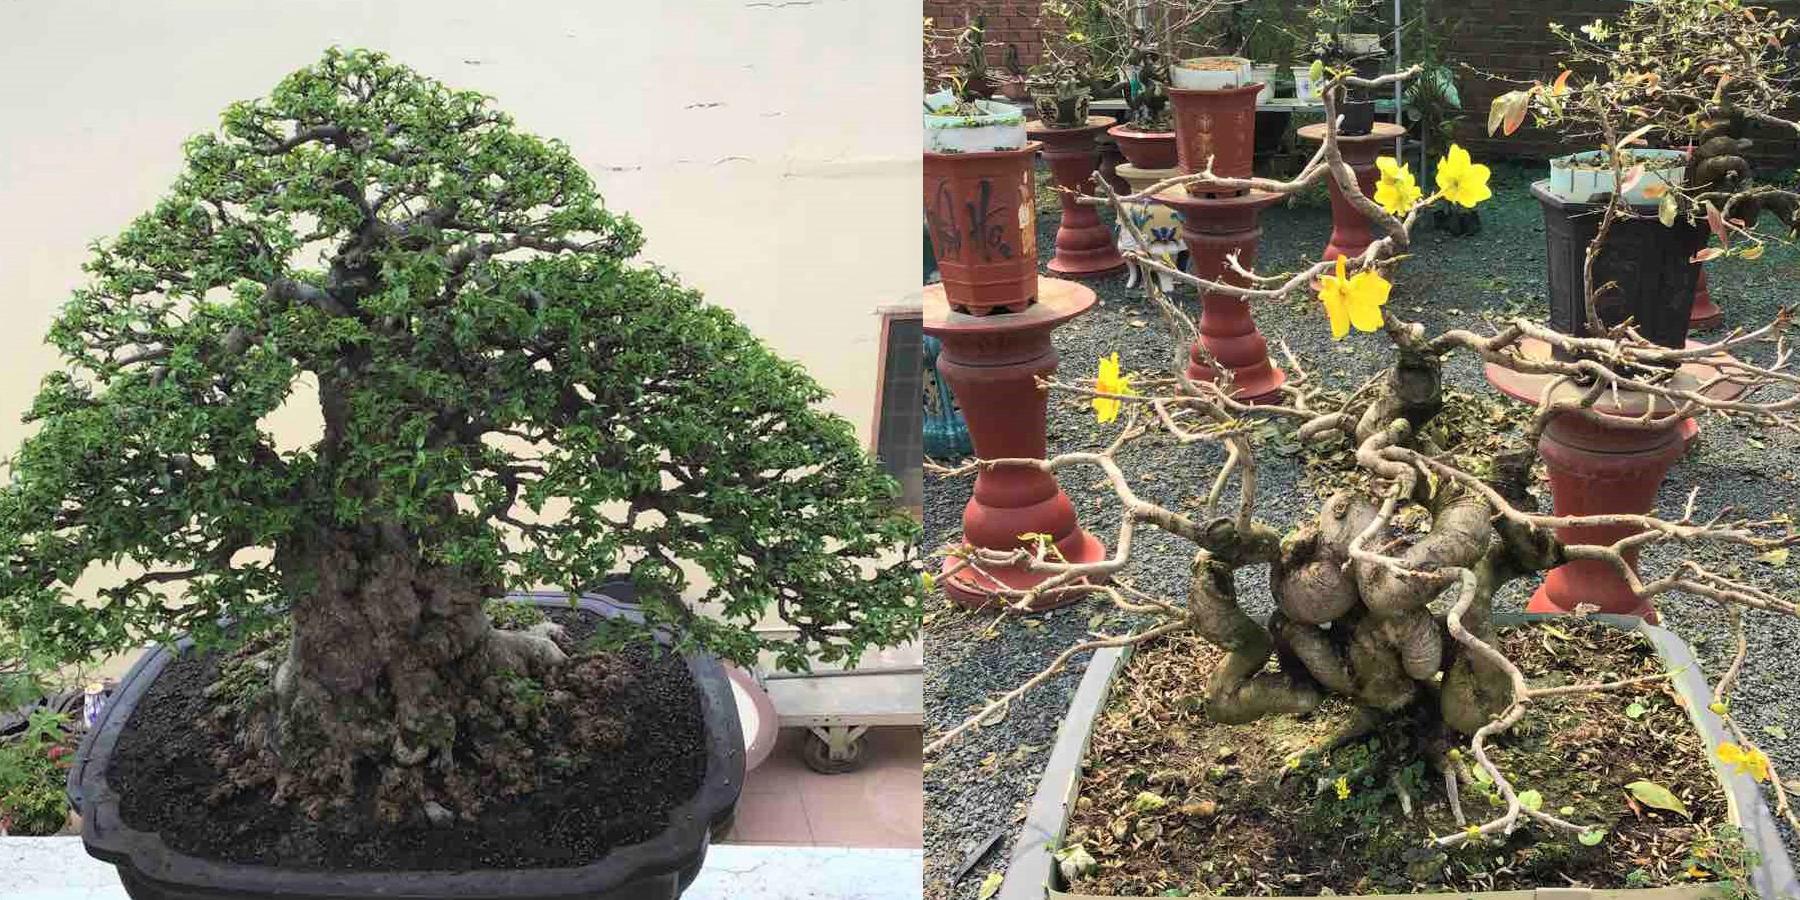 Một chậu mai vàng và một chậu mai chiếu thủy dáng dạng độc đáo ở An Giang được chọn đưa lên TP HCM để trưng bày trong Hội hoa xuân Tao Đàn. Ảnh: B.K